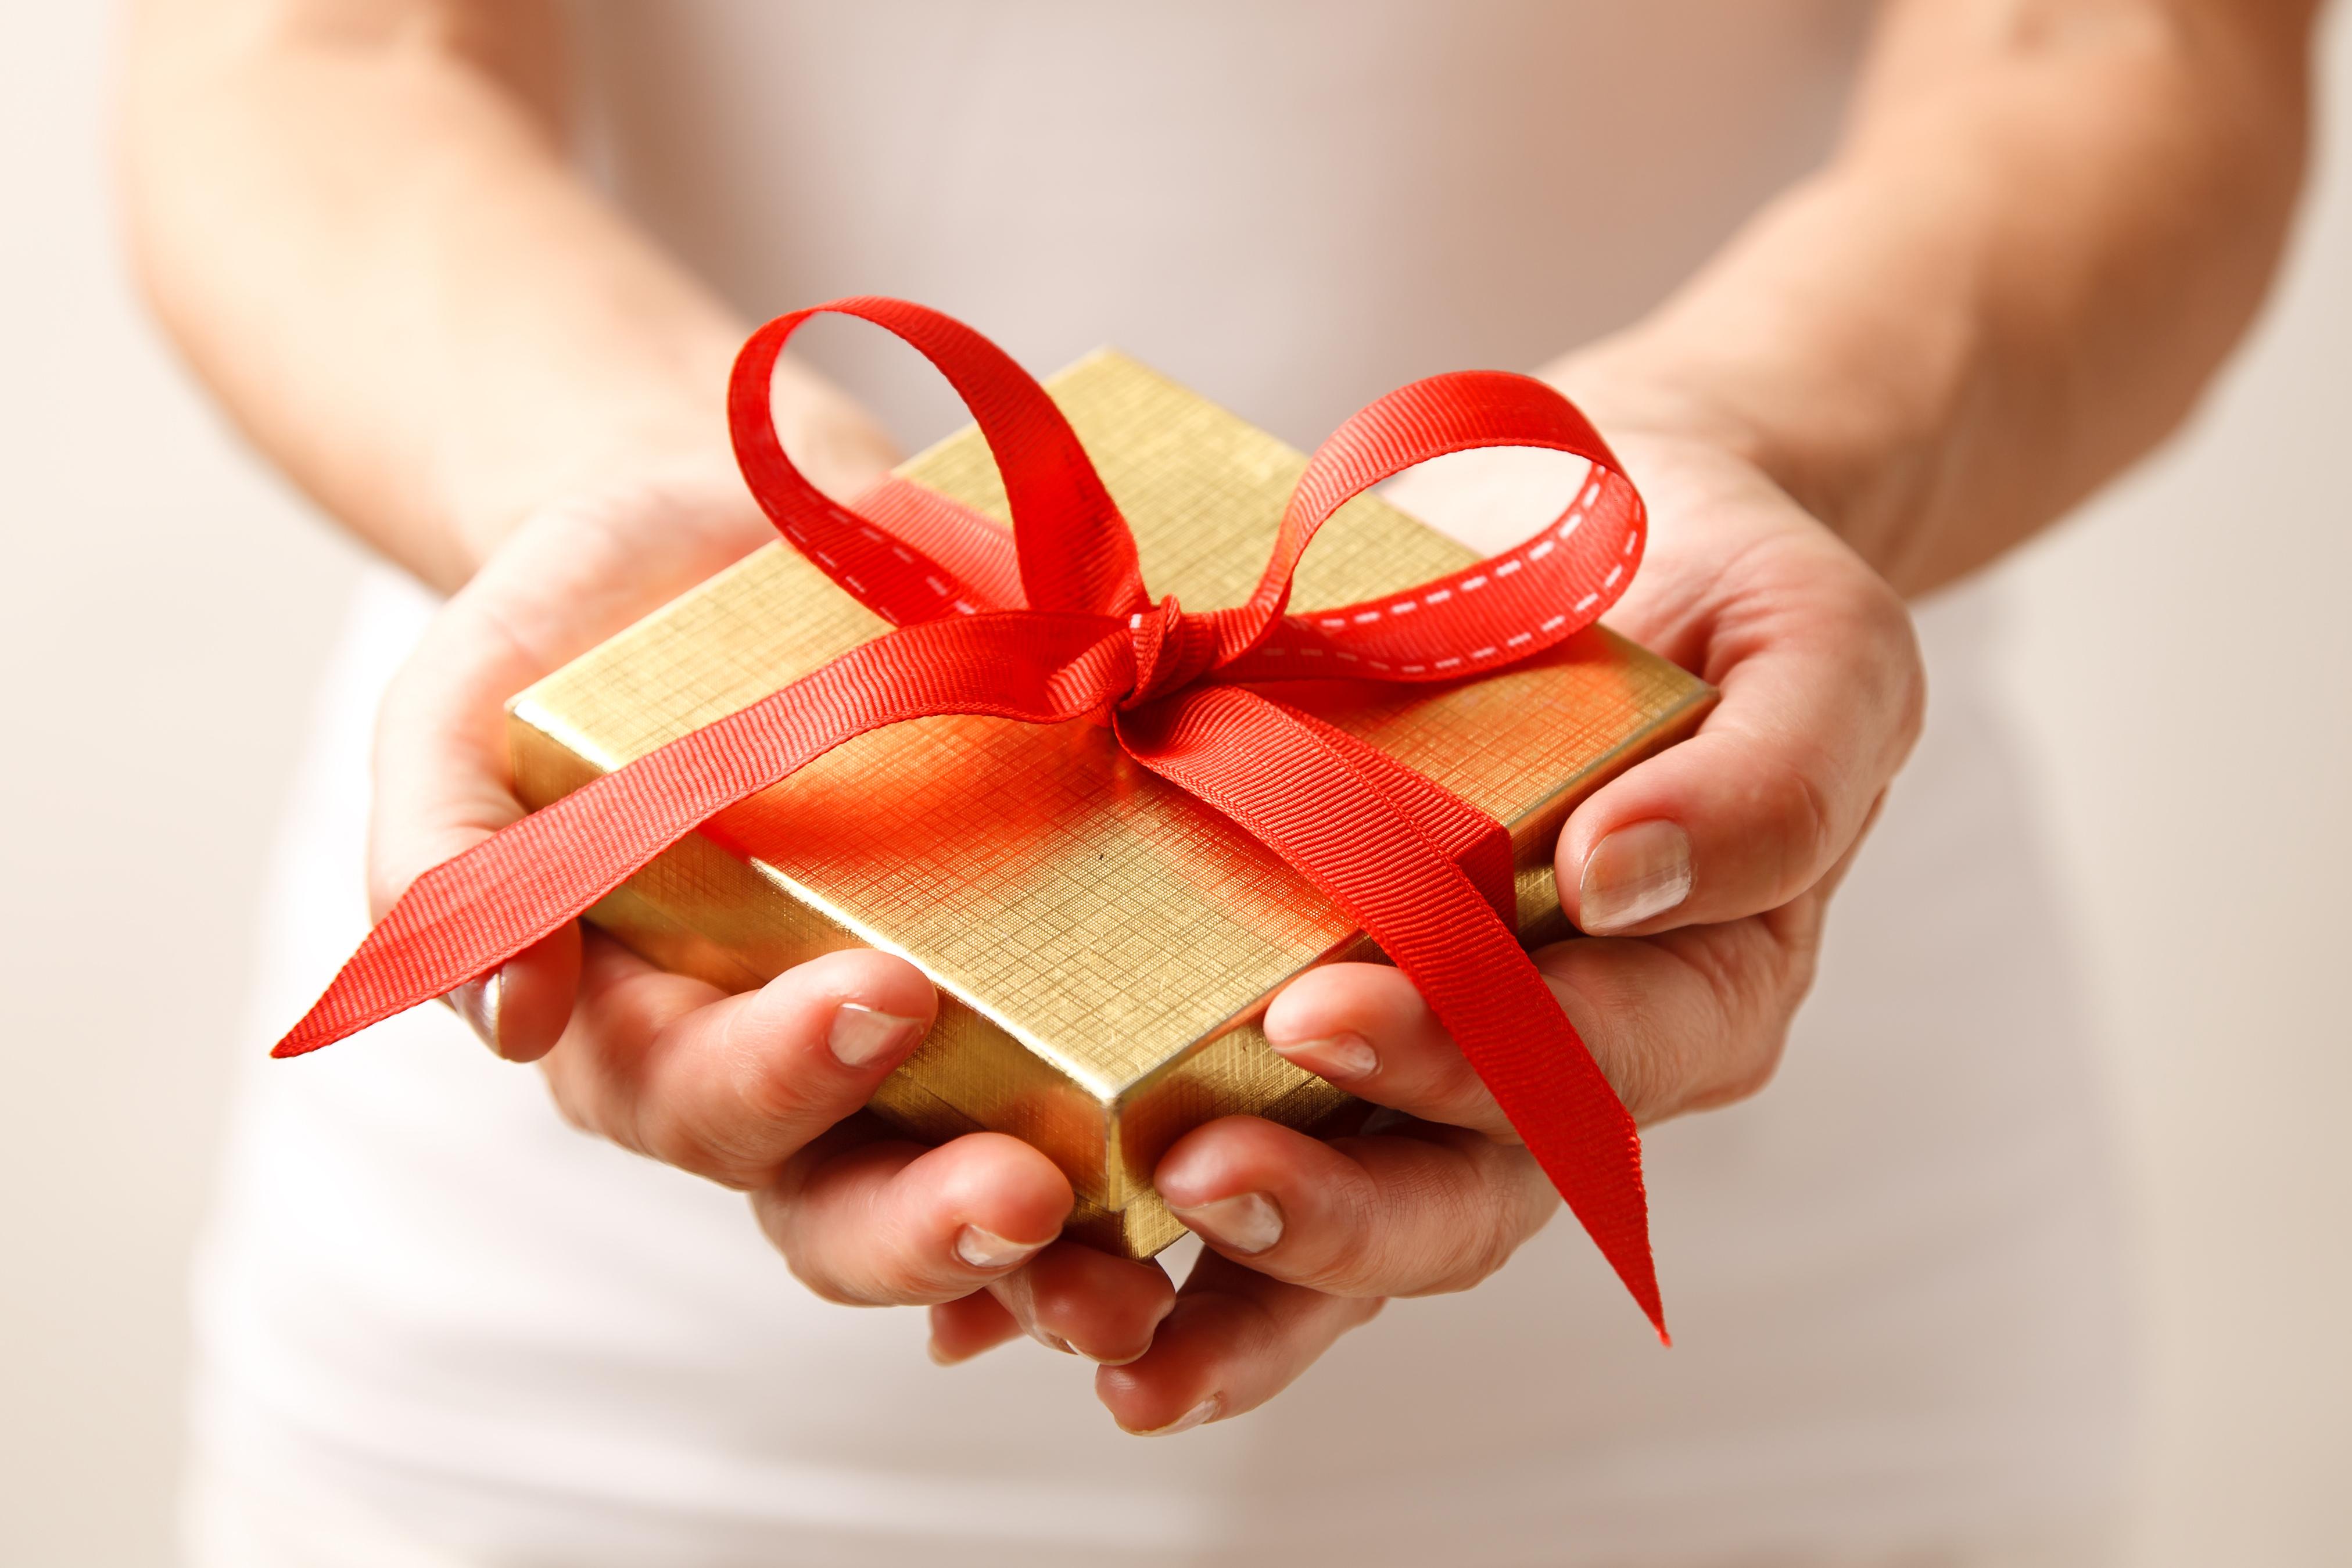 La gestione dei cadeaux